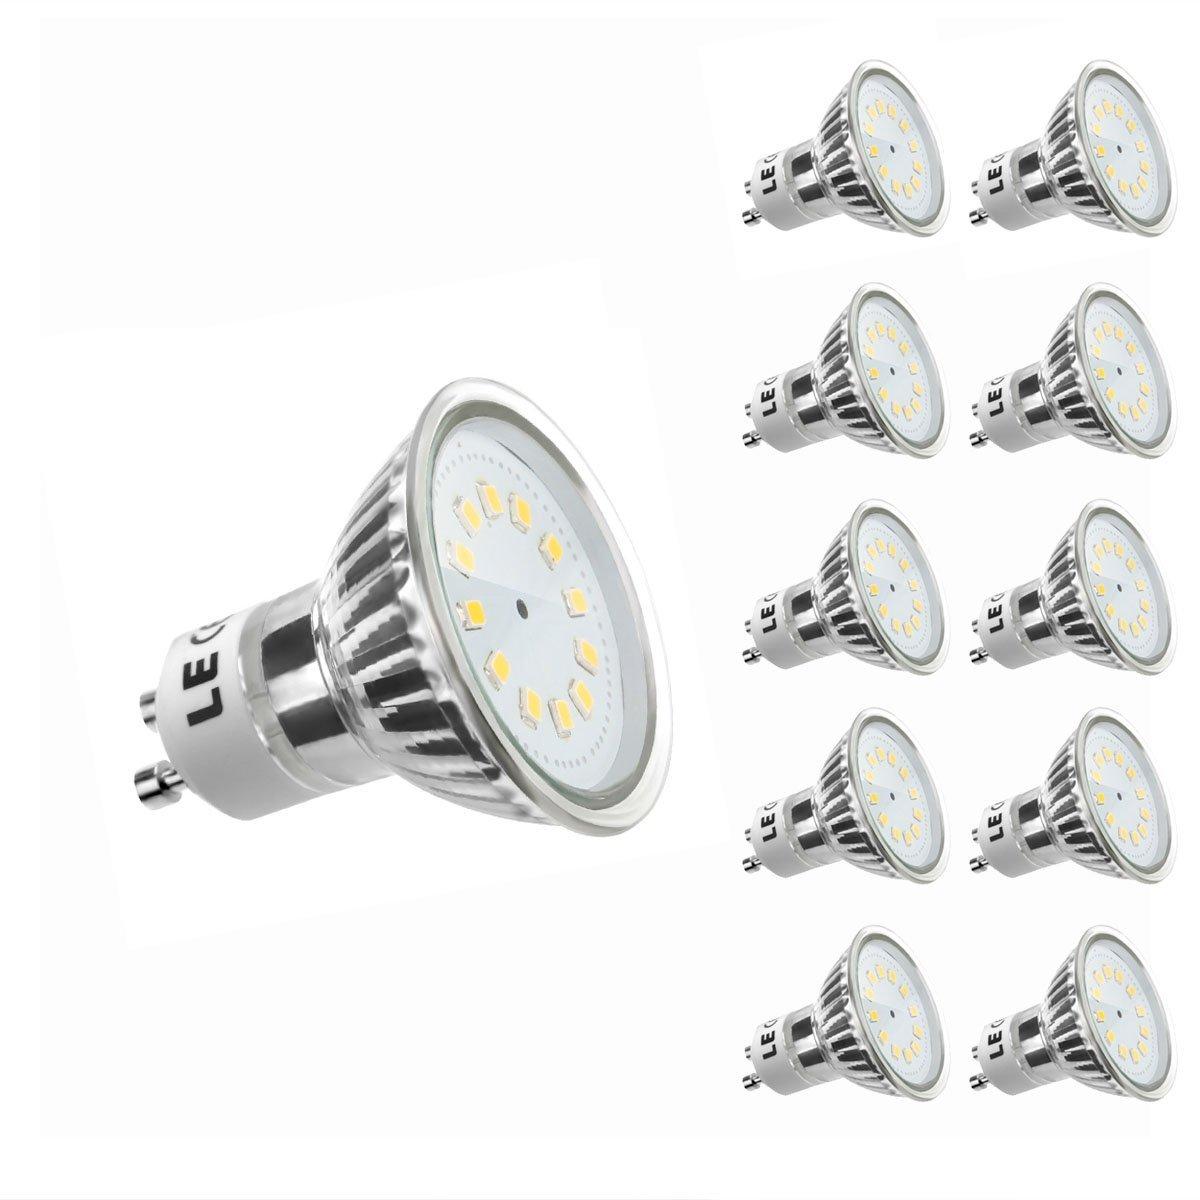 [Bündel] 2,5W GU10 Fassung, MR16 200lm LED Strahler, Ersatz für 35W Halogenlampe, Warmweiß, 10er Set